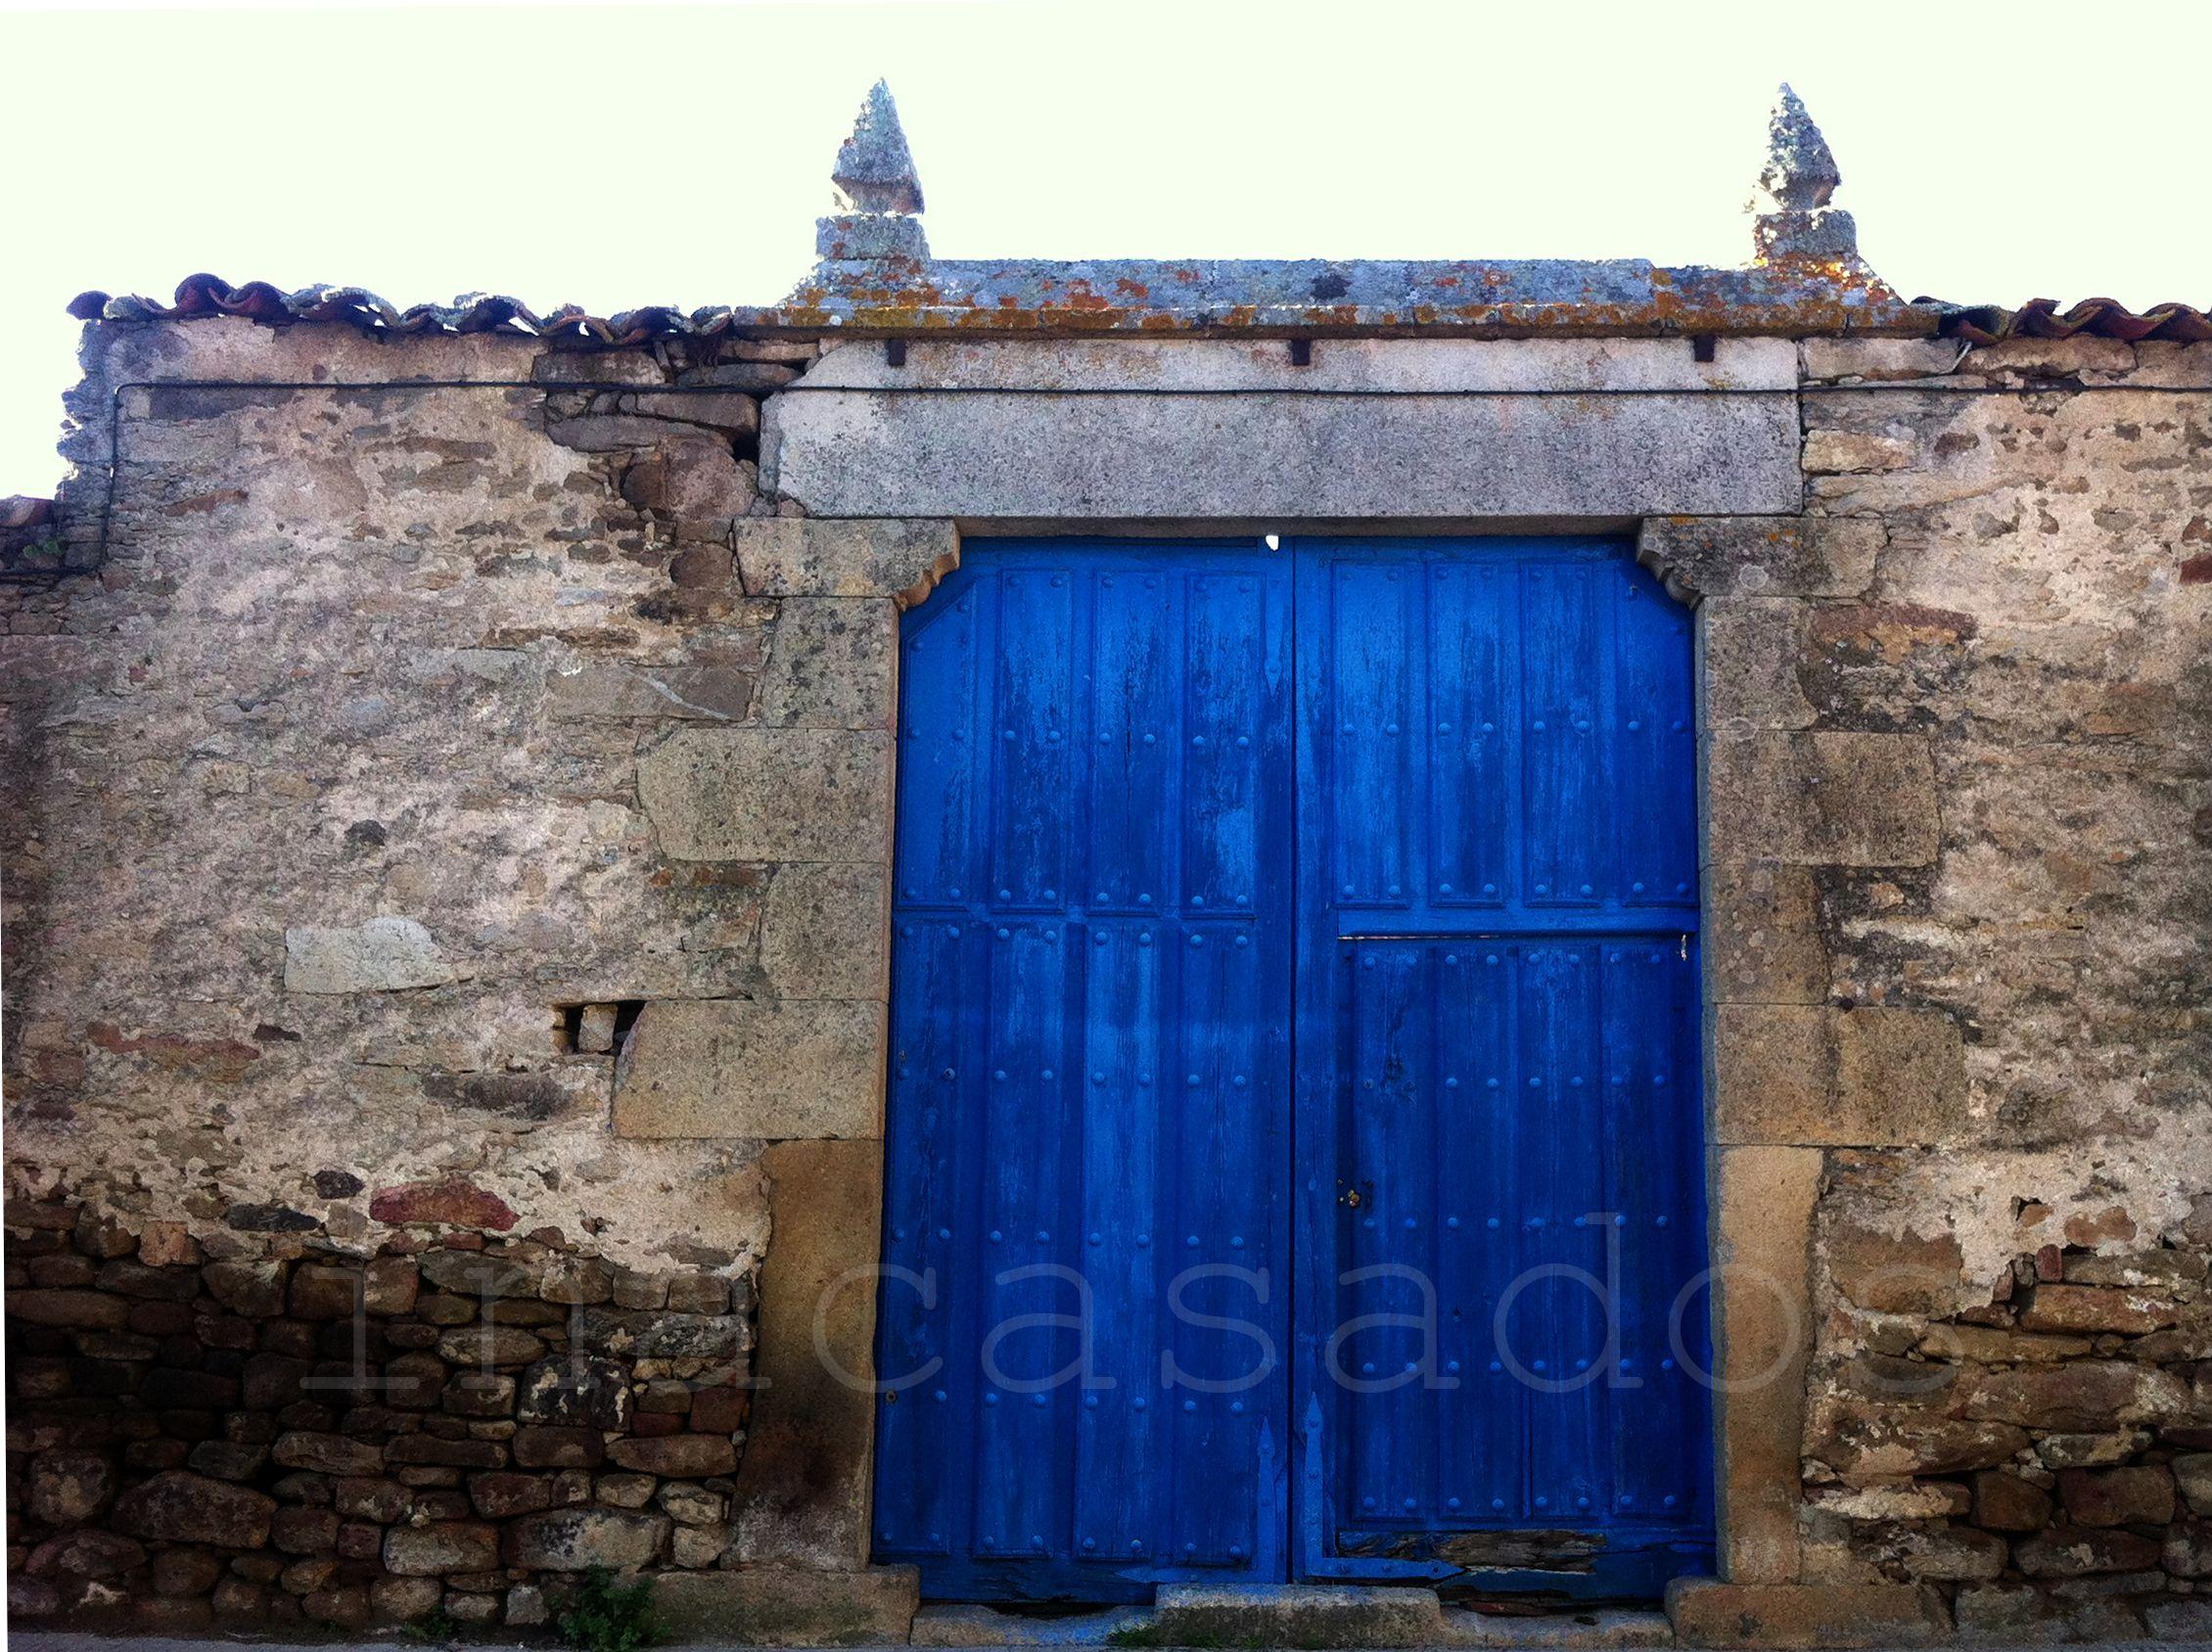 puerta / door / portapuertas y ventanas / doors and windows / portas e janelas vitigudino, salamanca, españa